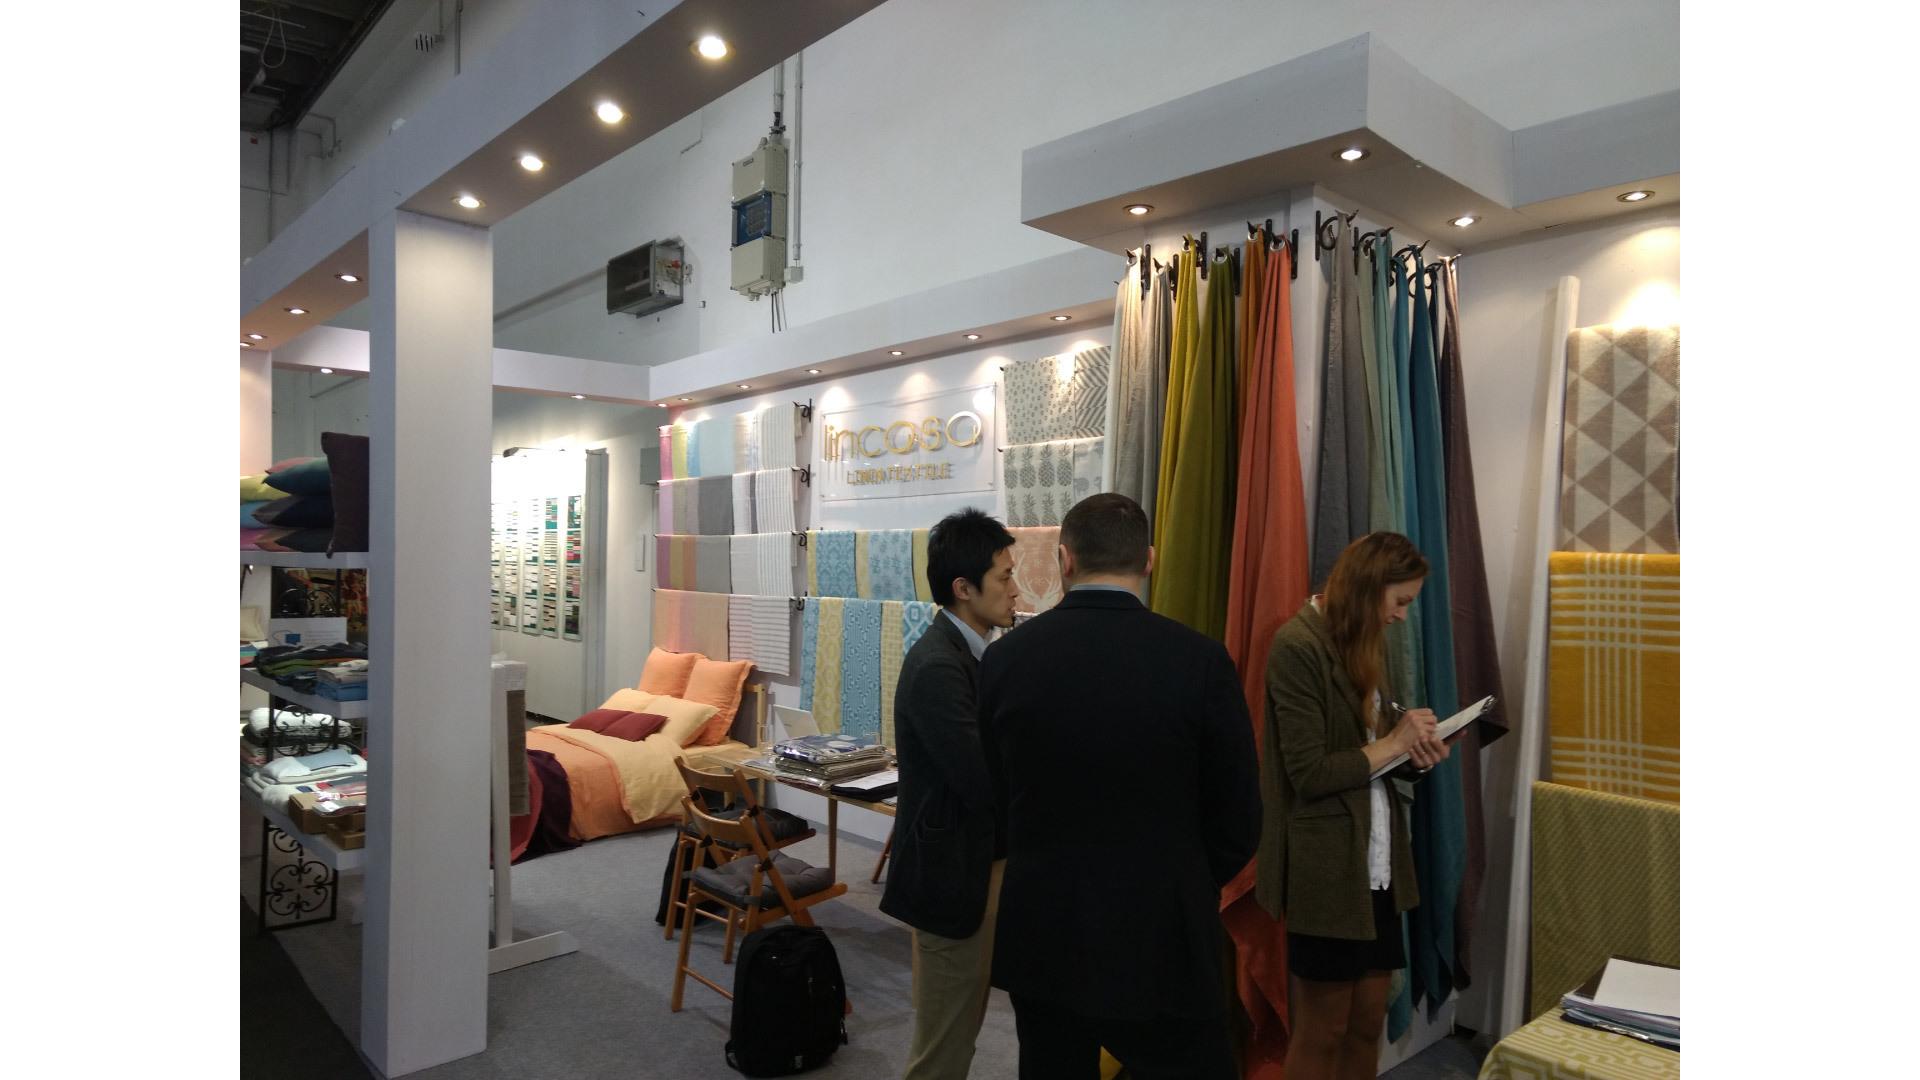 【営業】エンタメ業界を中心に新規開拓〜OEM提案をお任せ!|東京のカバー写真